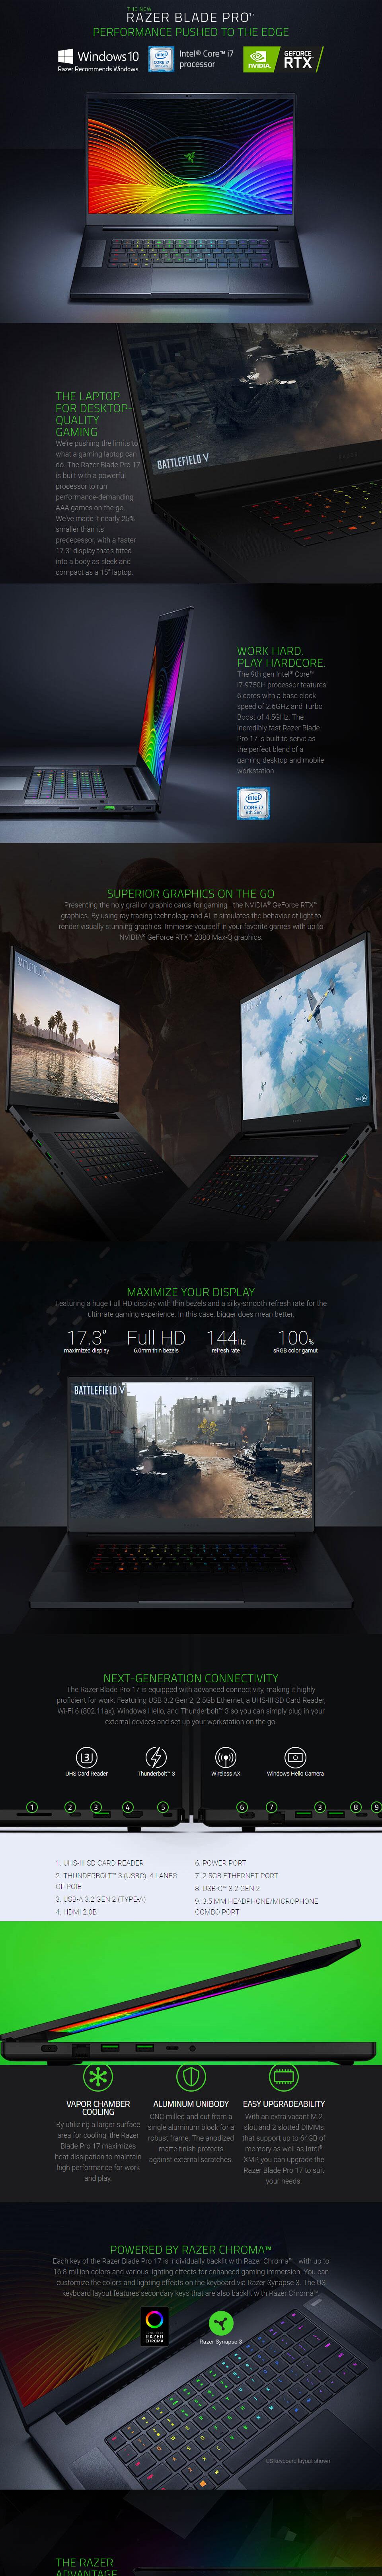 Razer Blade Core i7 RTX 2060 17 3in 144hz Notebook [02876E92]